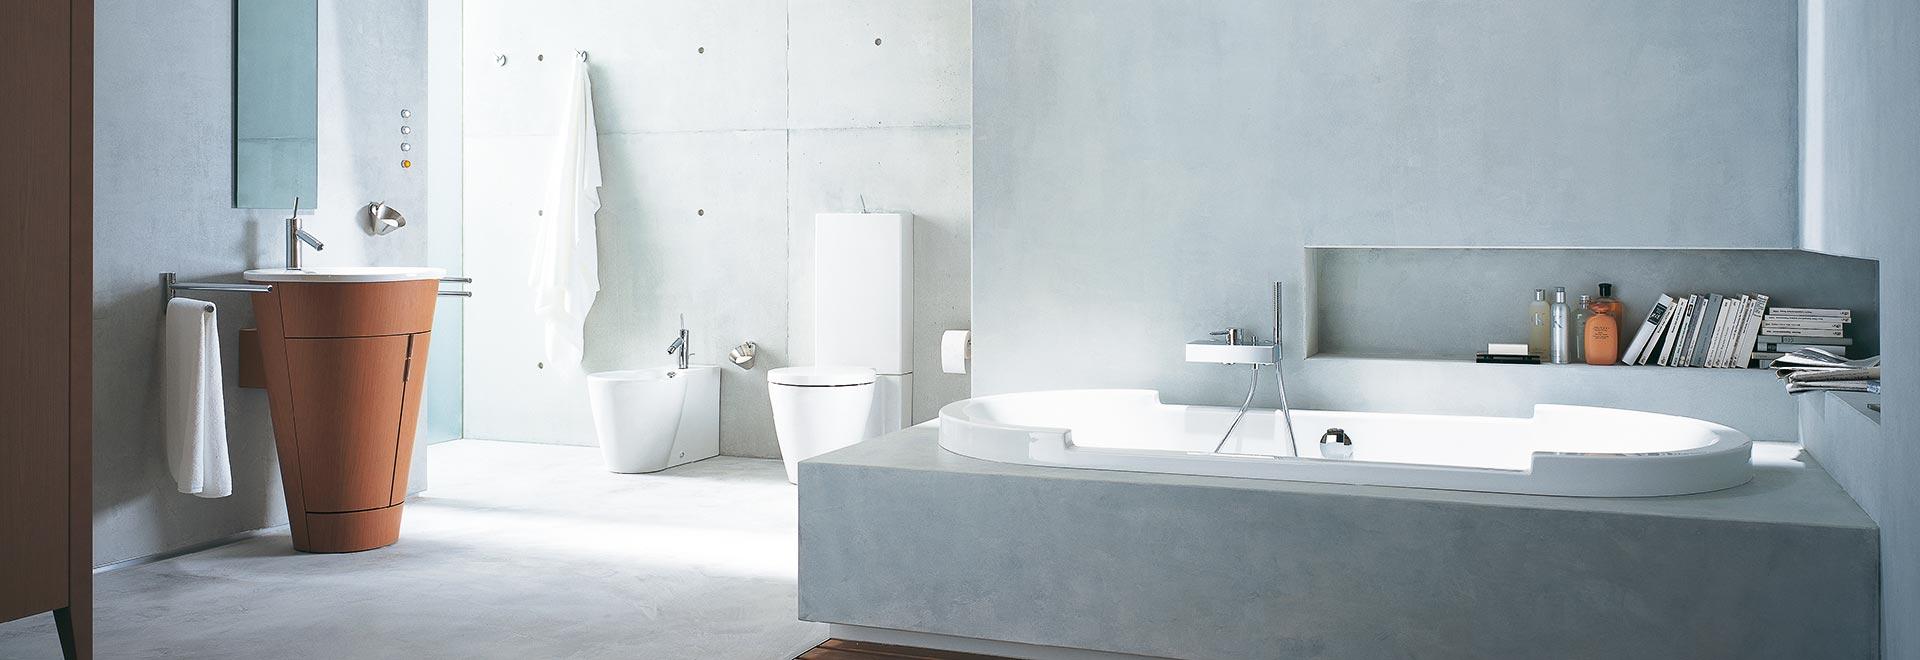 Walter Vögele GmbH in Freiburg: Moderne Badgestaltung nach Wunsch